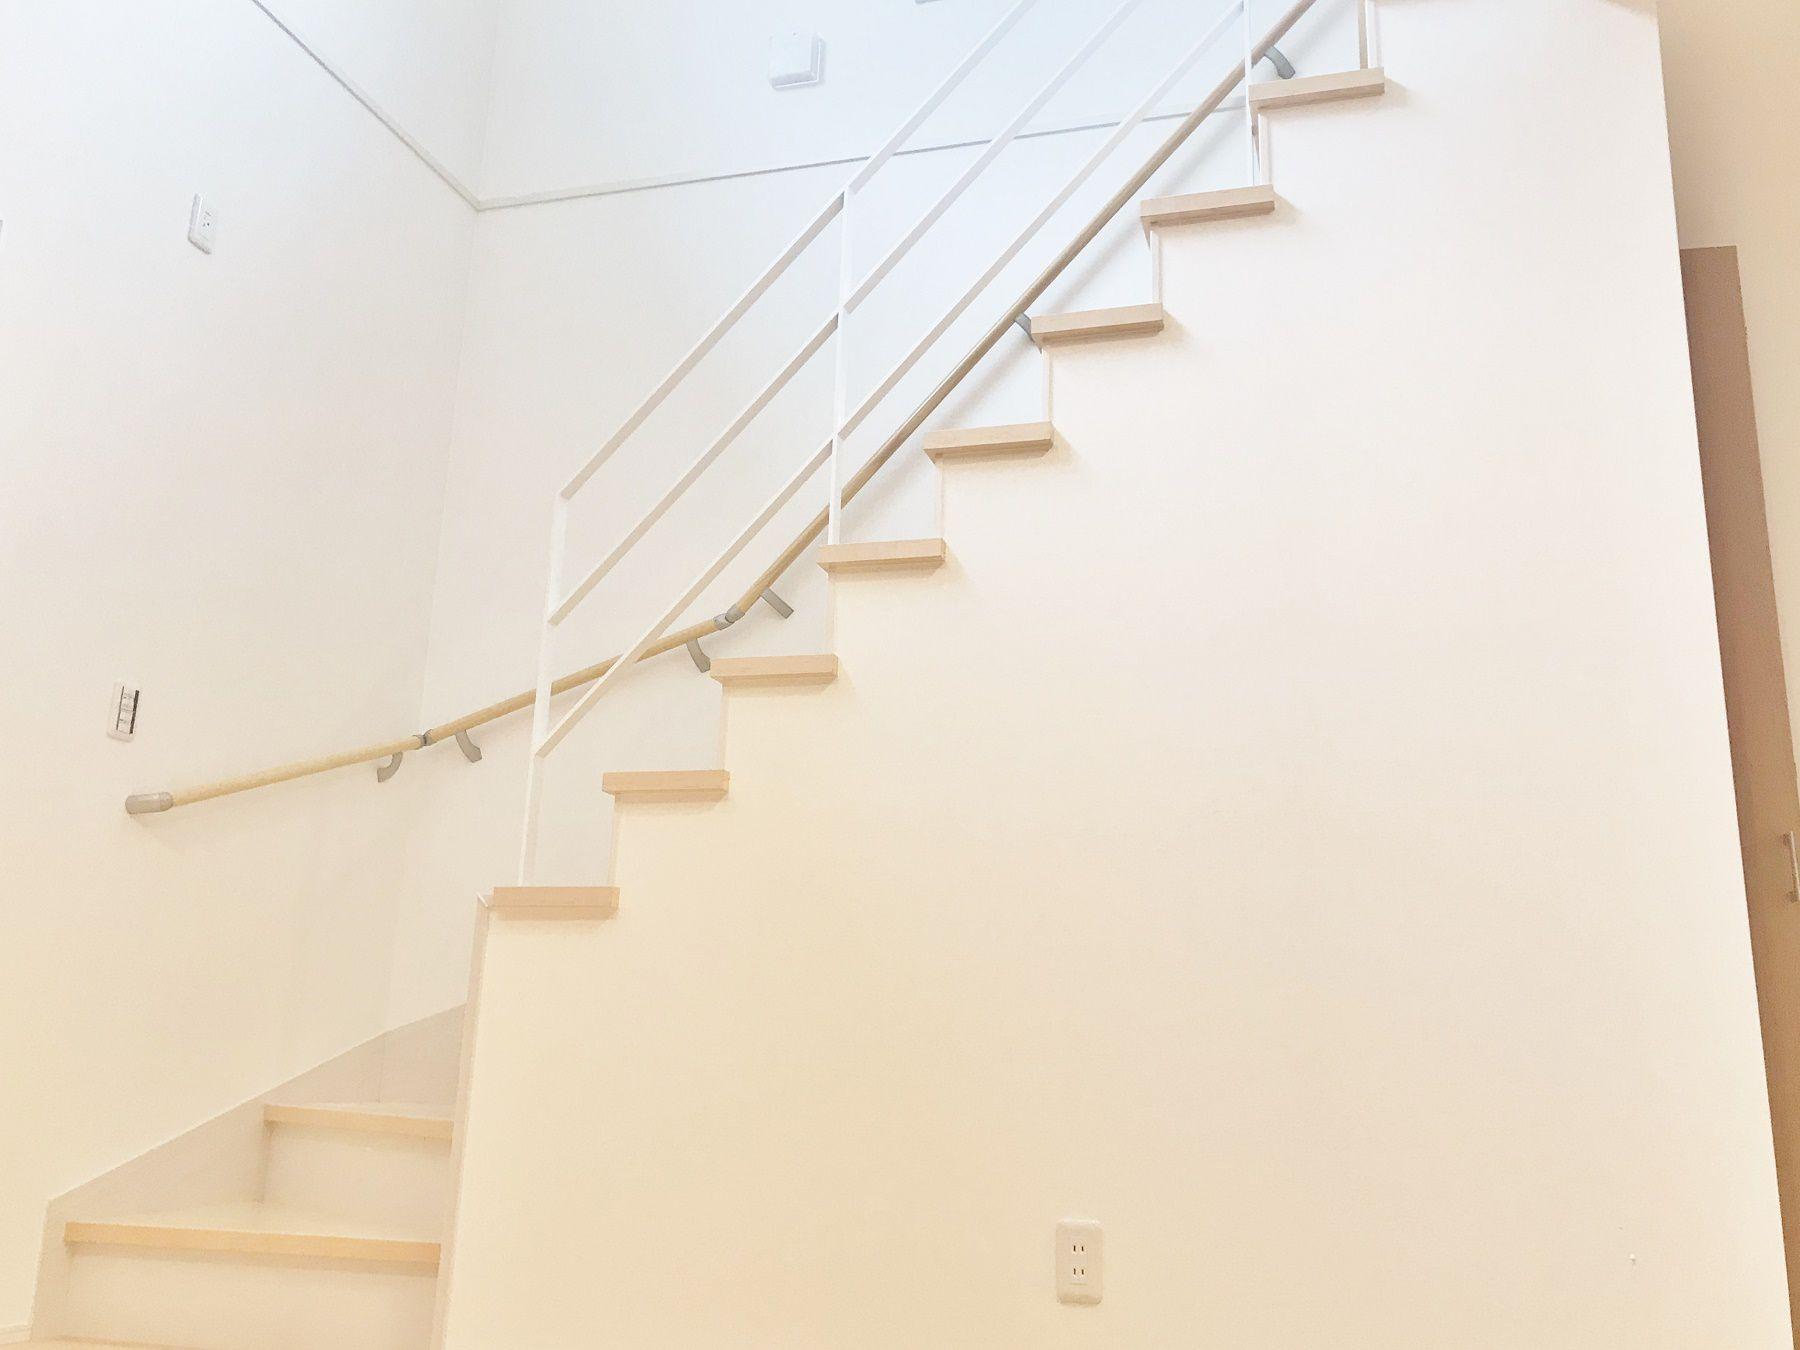 リビング階段でかつ、一体感にこだわりたい!そんなご要望から、アイアン手摺を採用しました。手摺を変えるだけでリビングとの一体感がよりでます。